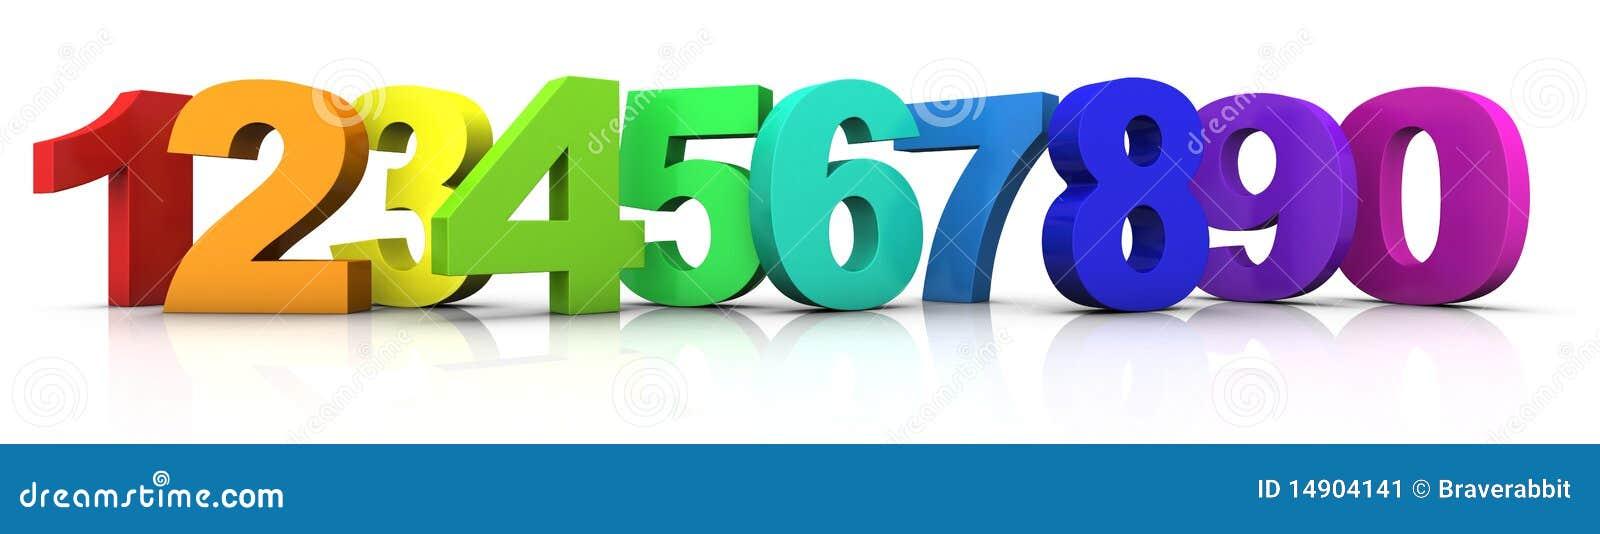 Números multicolores